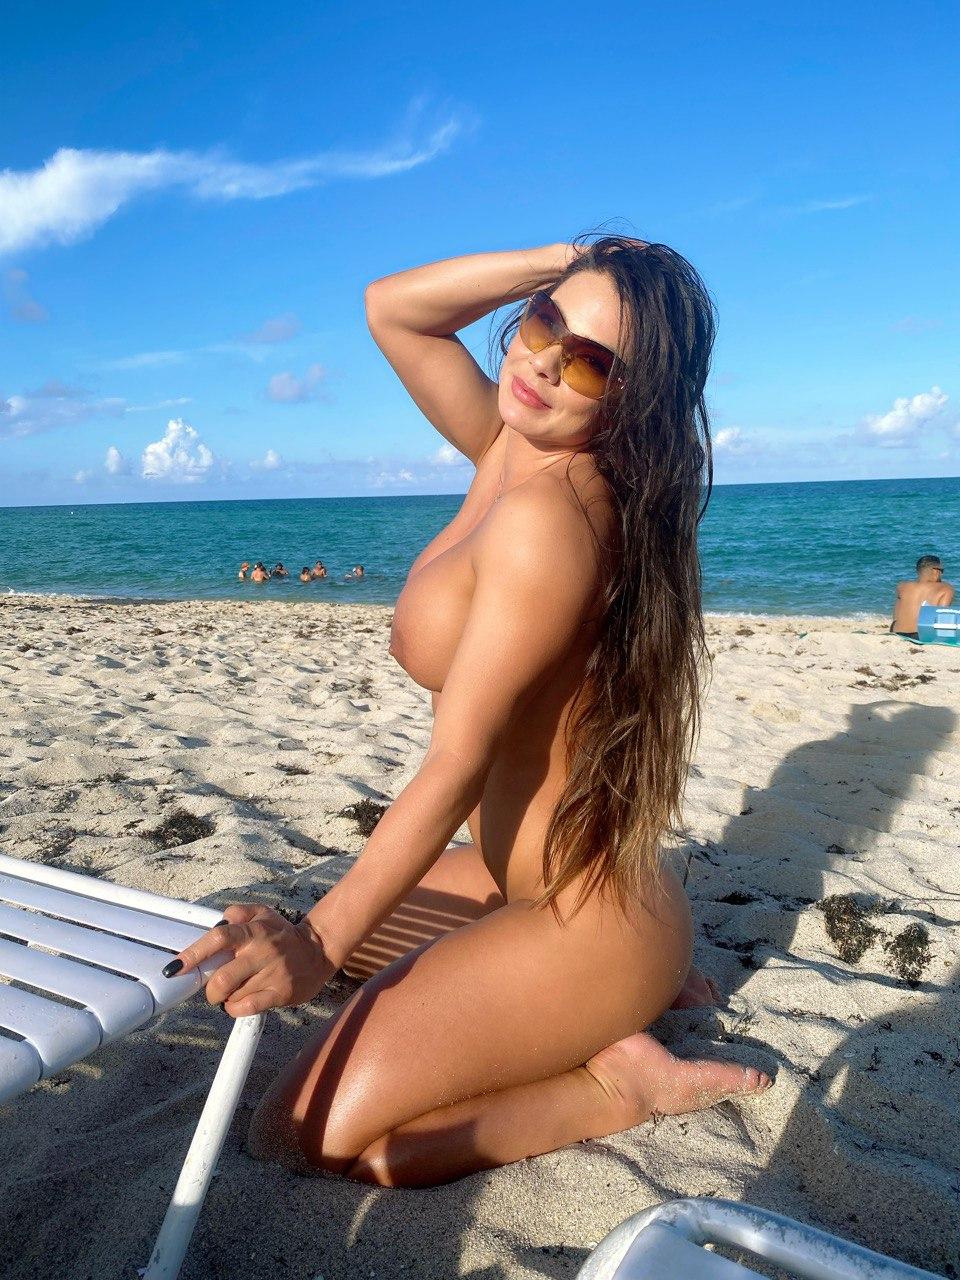 4 pic. Día de playa nudista no te pierdas lo mejor en https://t.co/vdv0FihveJ los estoy esperando. https://t